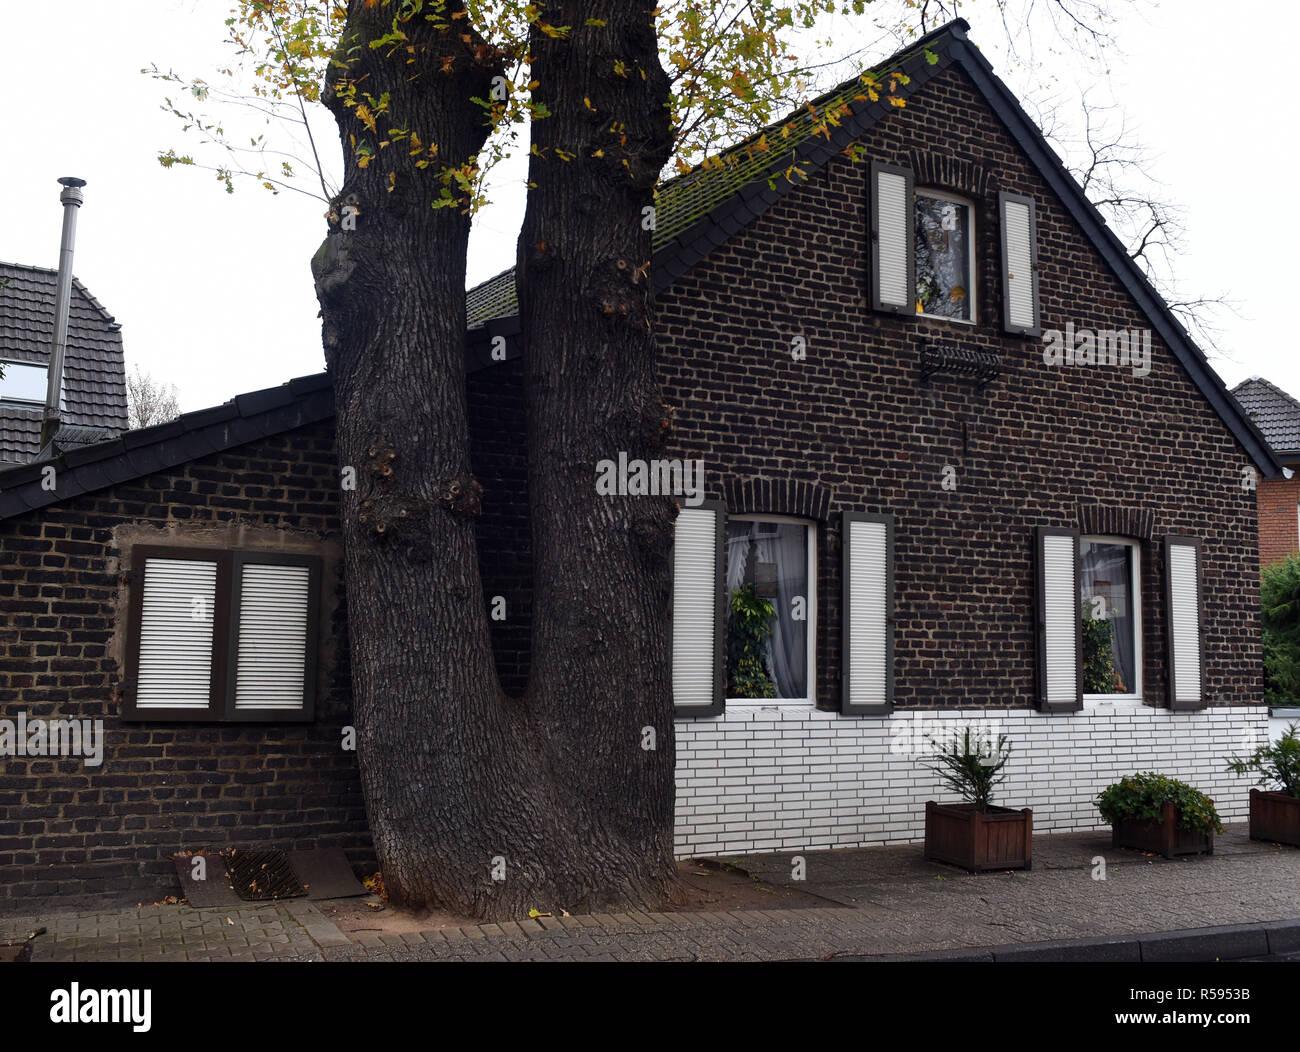 29 de noviembre de 2018, Renania del Norte - Westfalia, Düsseldorf: Un doble-trunk oak está muy cerca de la fachada de una pequeña casa de ladrillo. Foto: Horst Ossinger/dpa Foto de stock